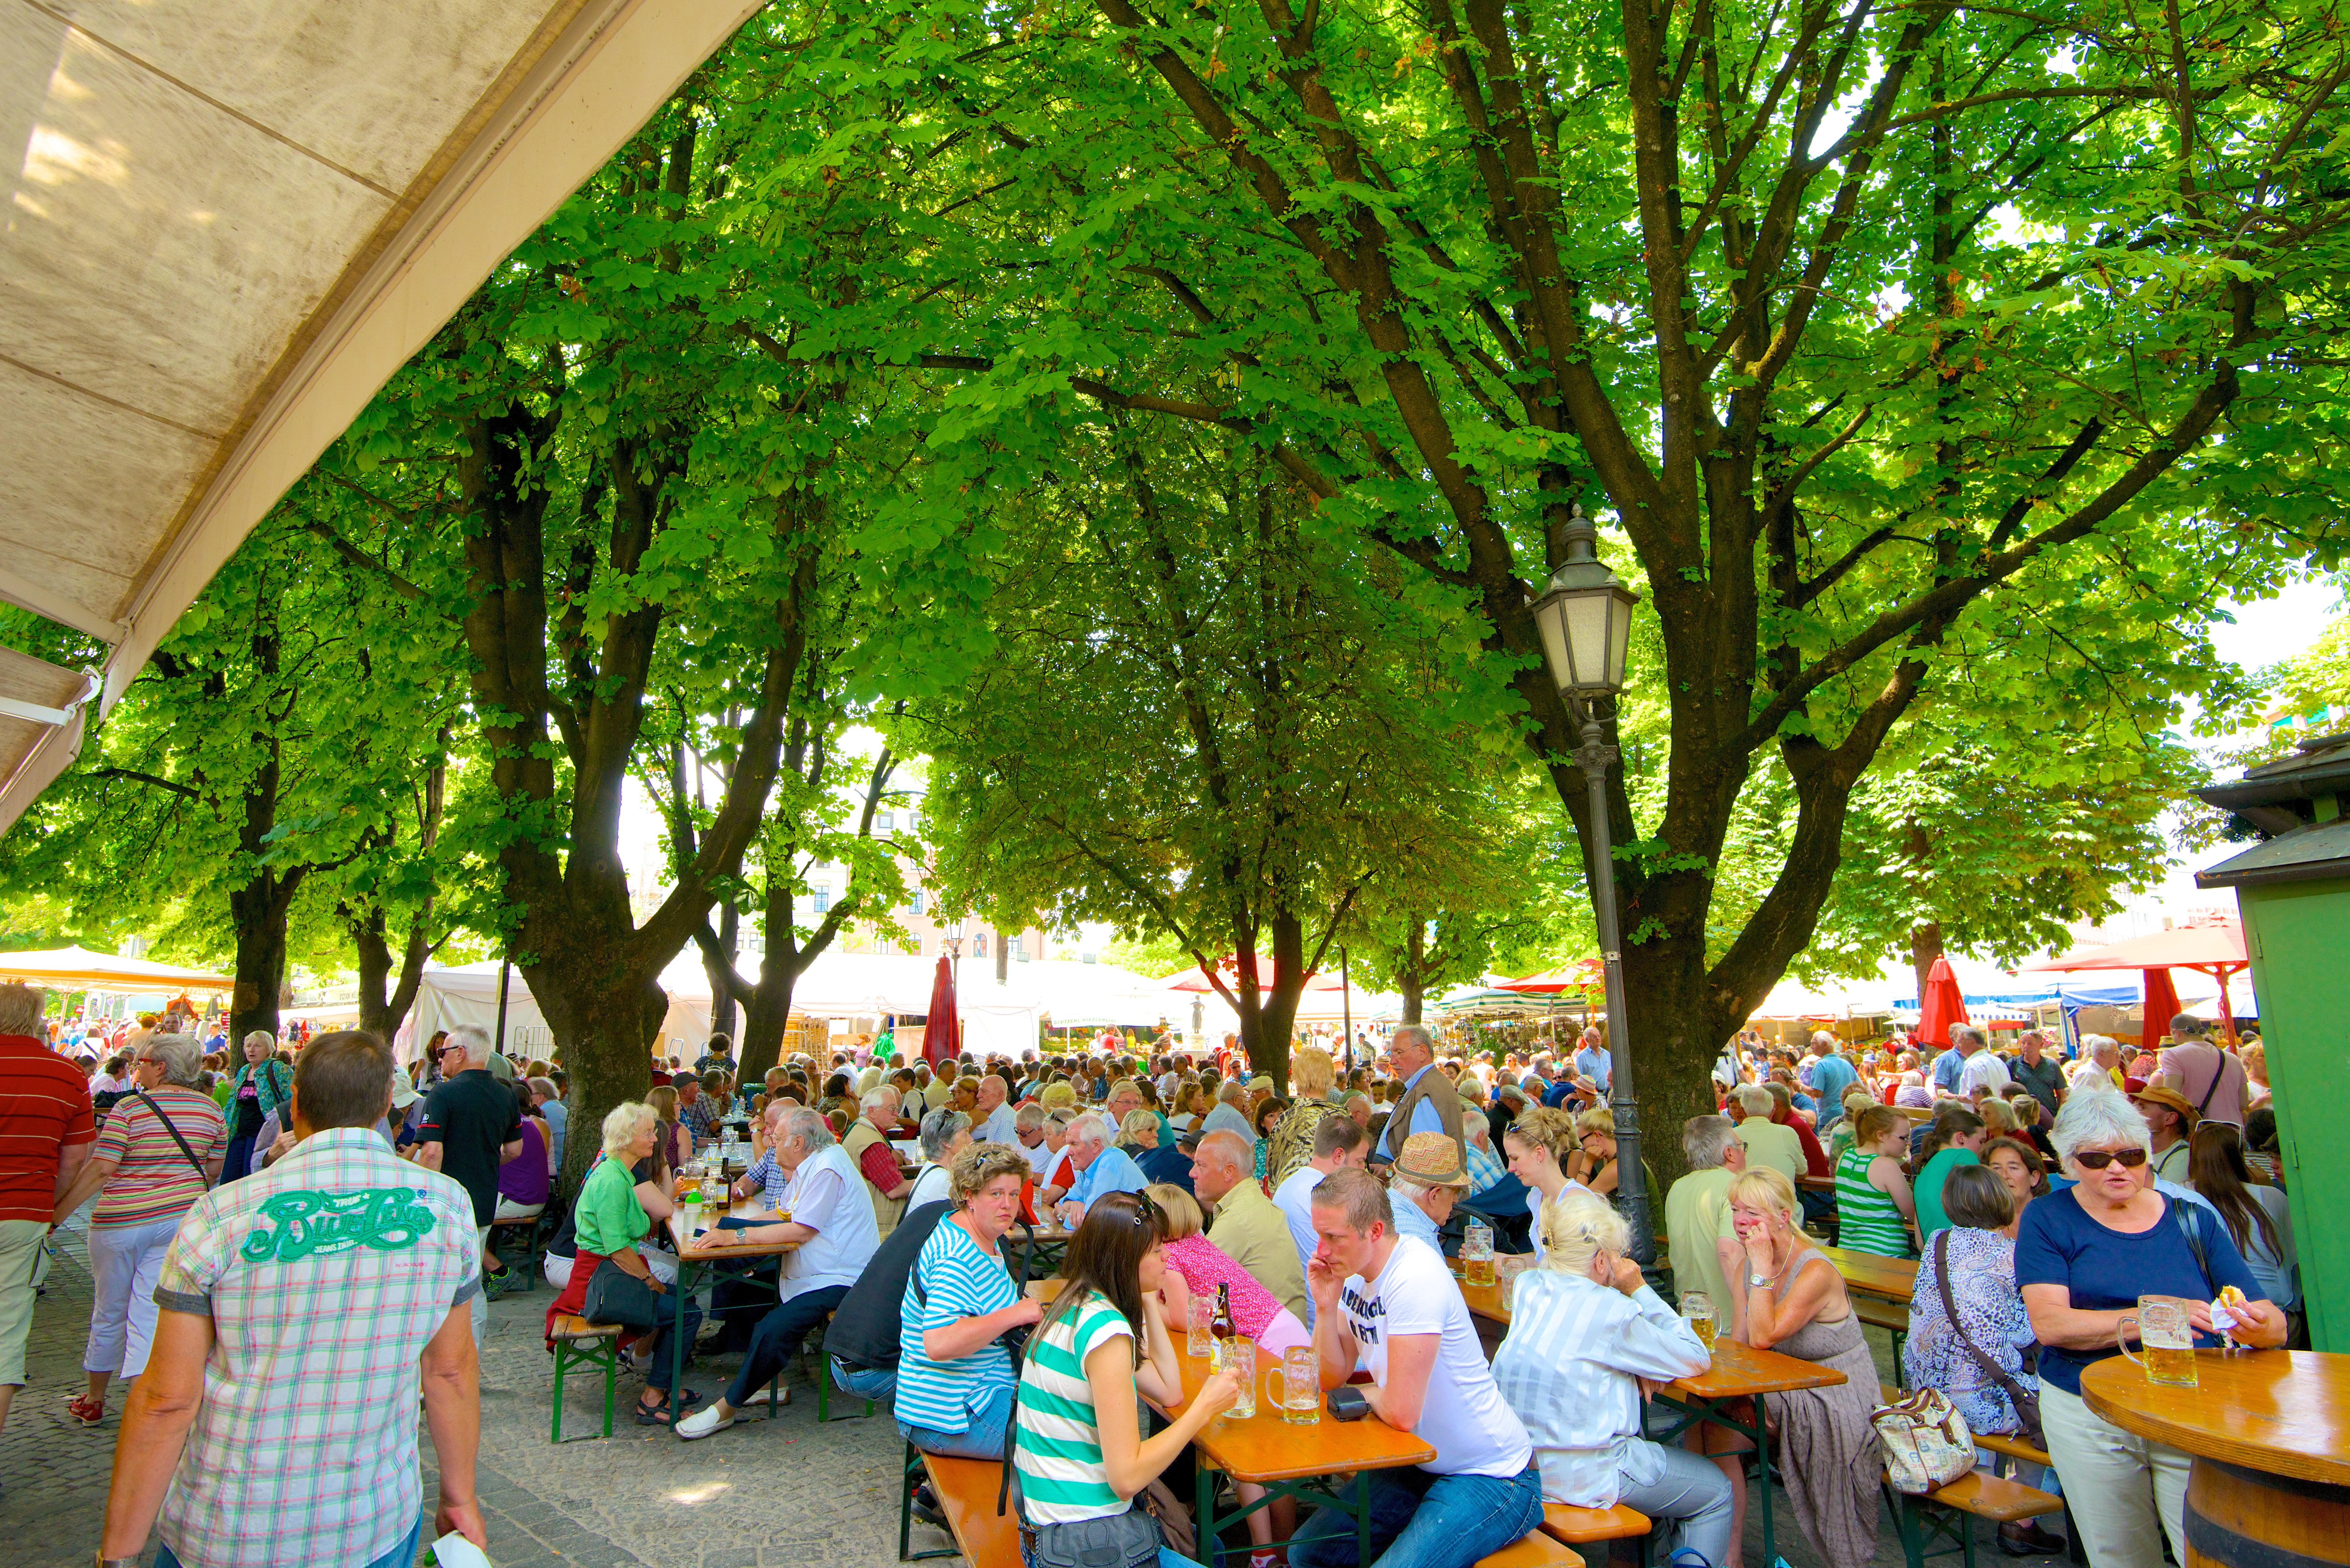 Imagebox_-_Viktualienmarkt_--02000.jpg?1549553601